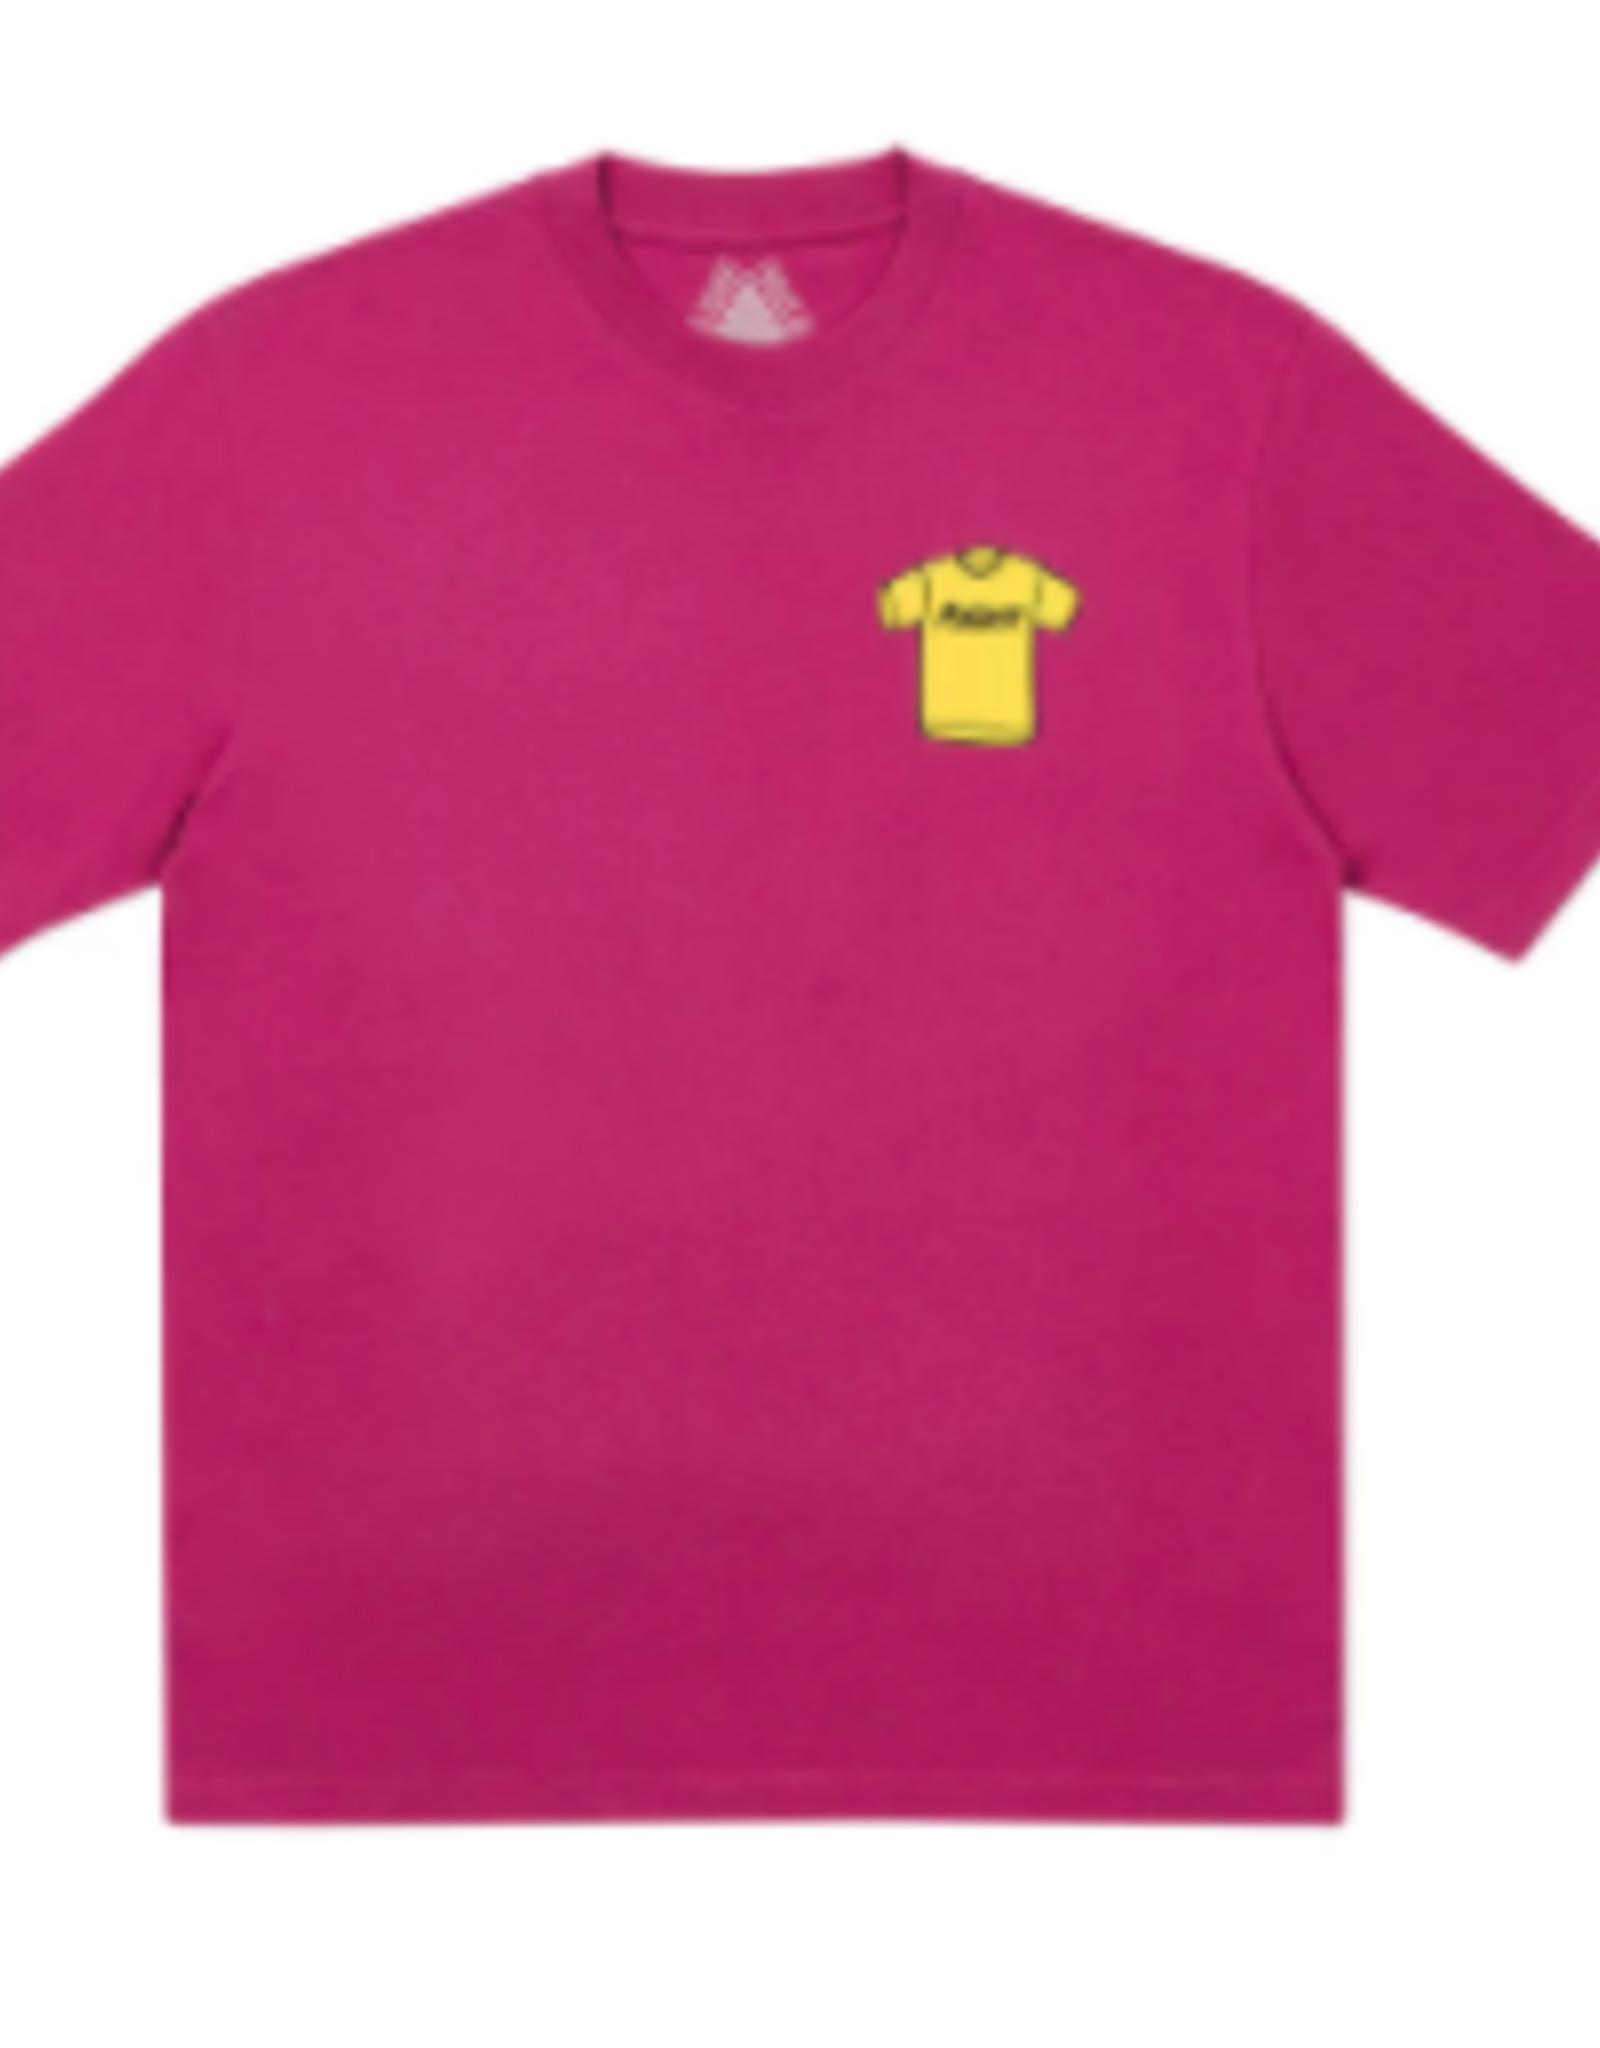 PALACE Palace T-shirt T-shirt Wine - Large